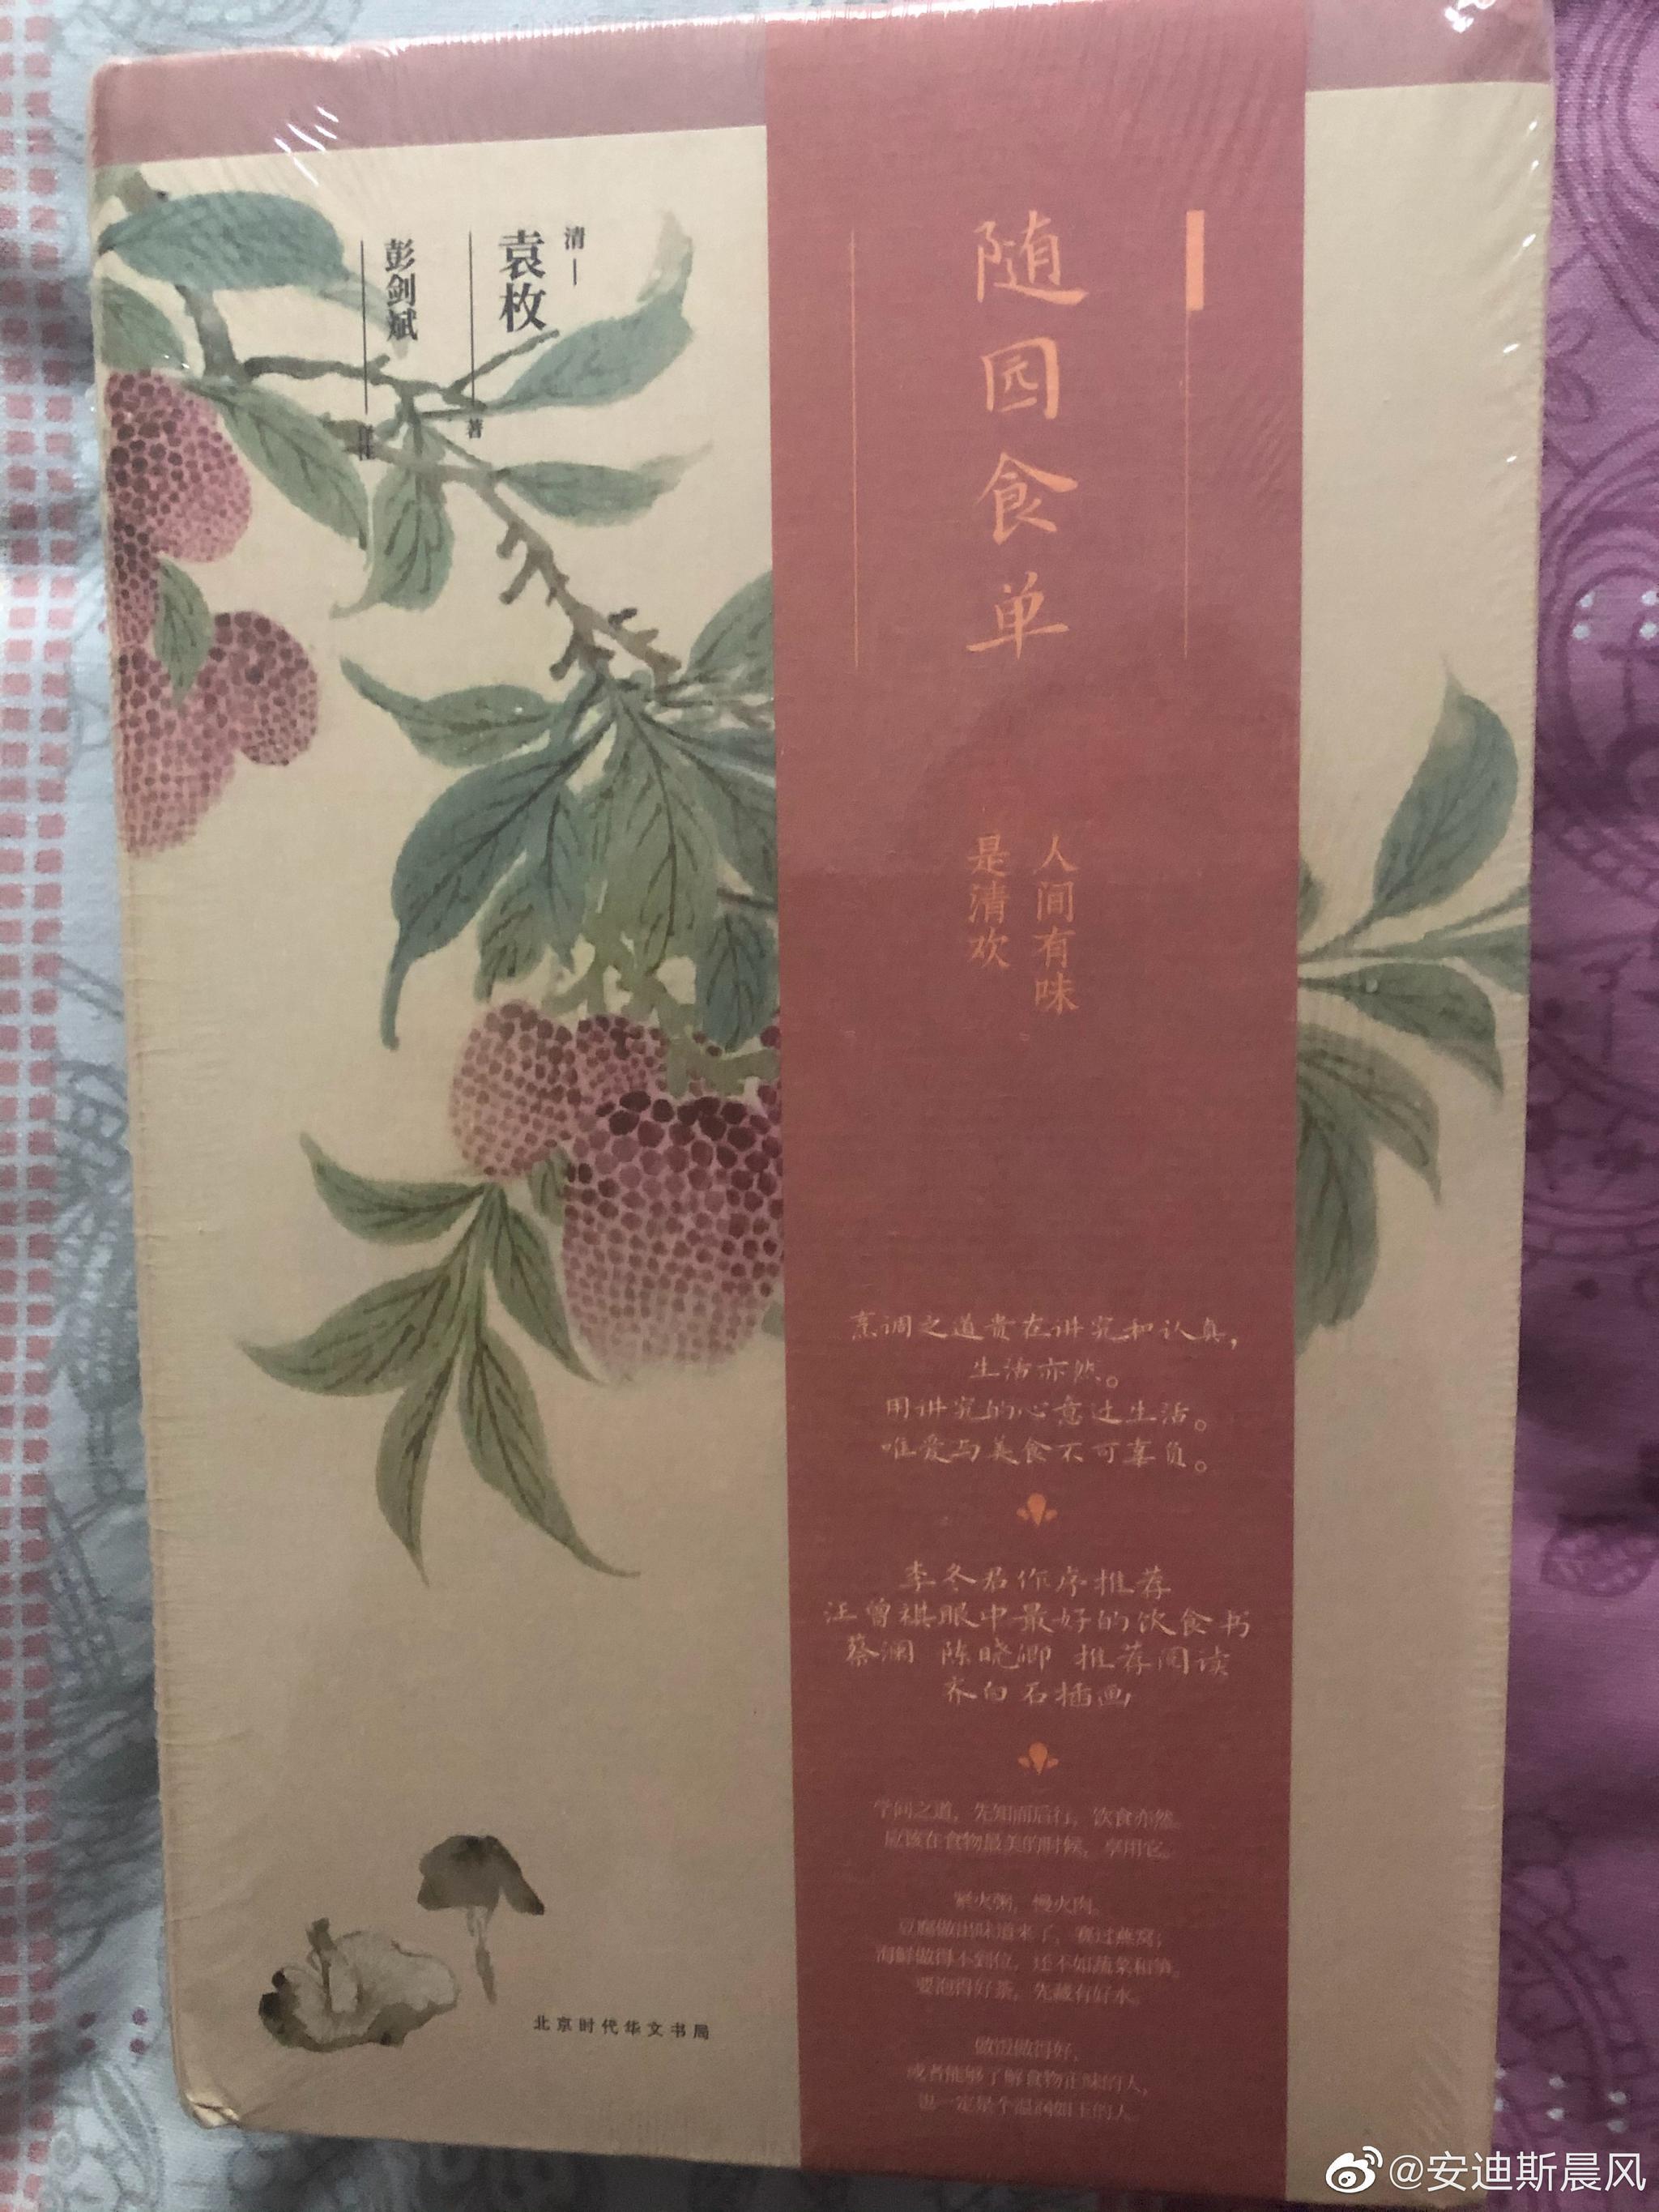 收到时代华文书局三本新书,最喜欢的当然还是袁枚的《随园食单》